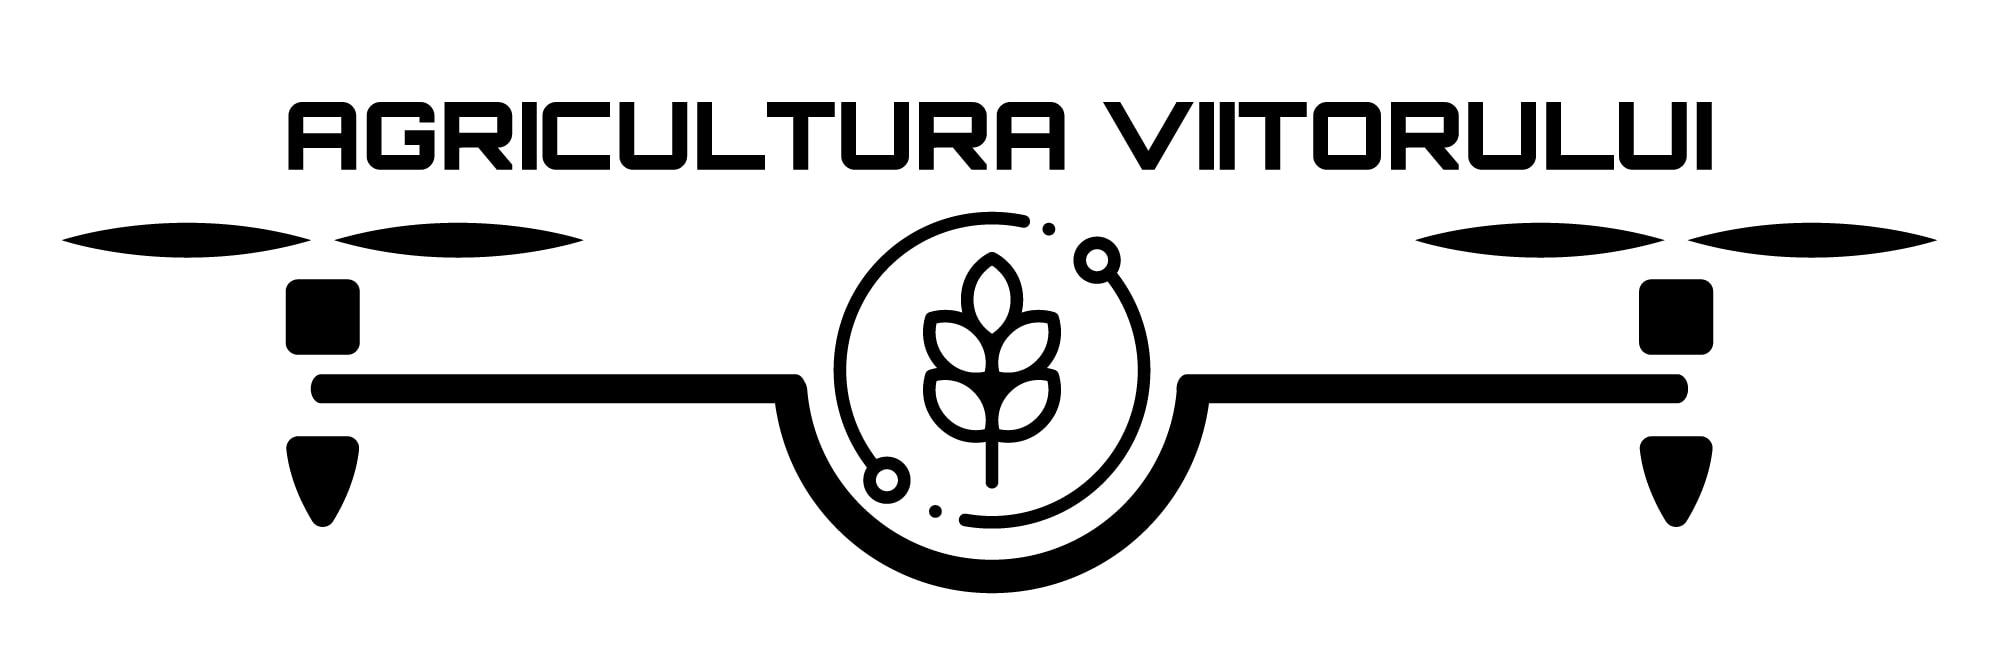 Agricultura Viitorului: Tehnolgii și soluții noi, alimentație mai sănătoasă